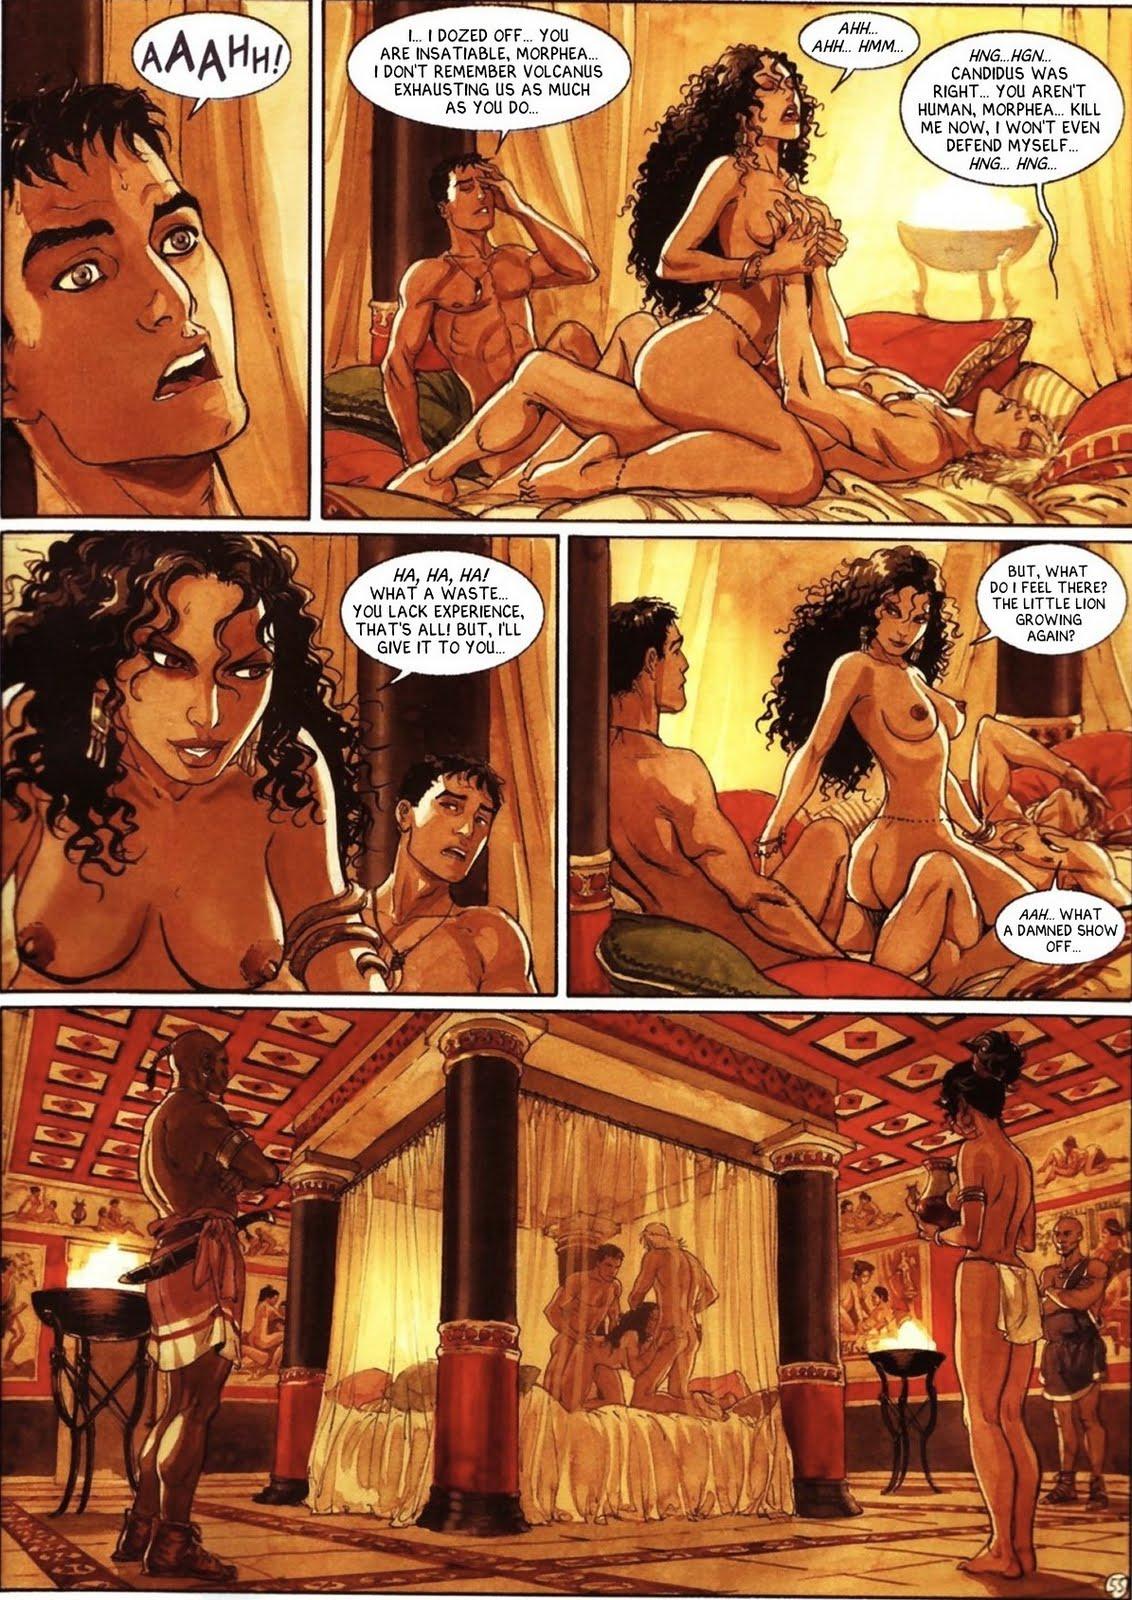 2d comic golden rome episodes 12 - 3 part 9